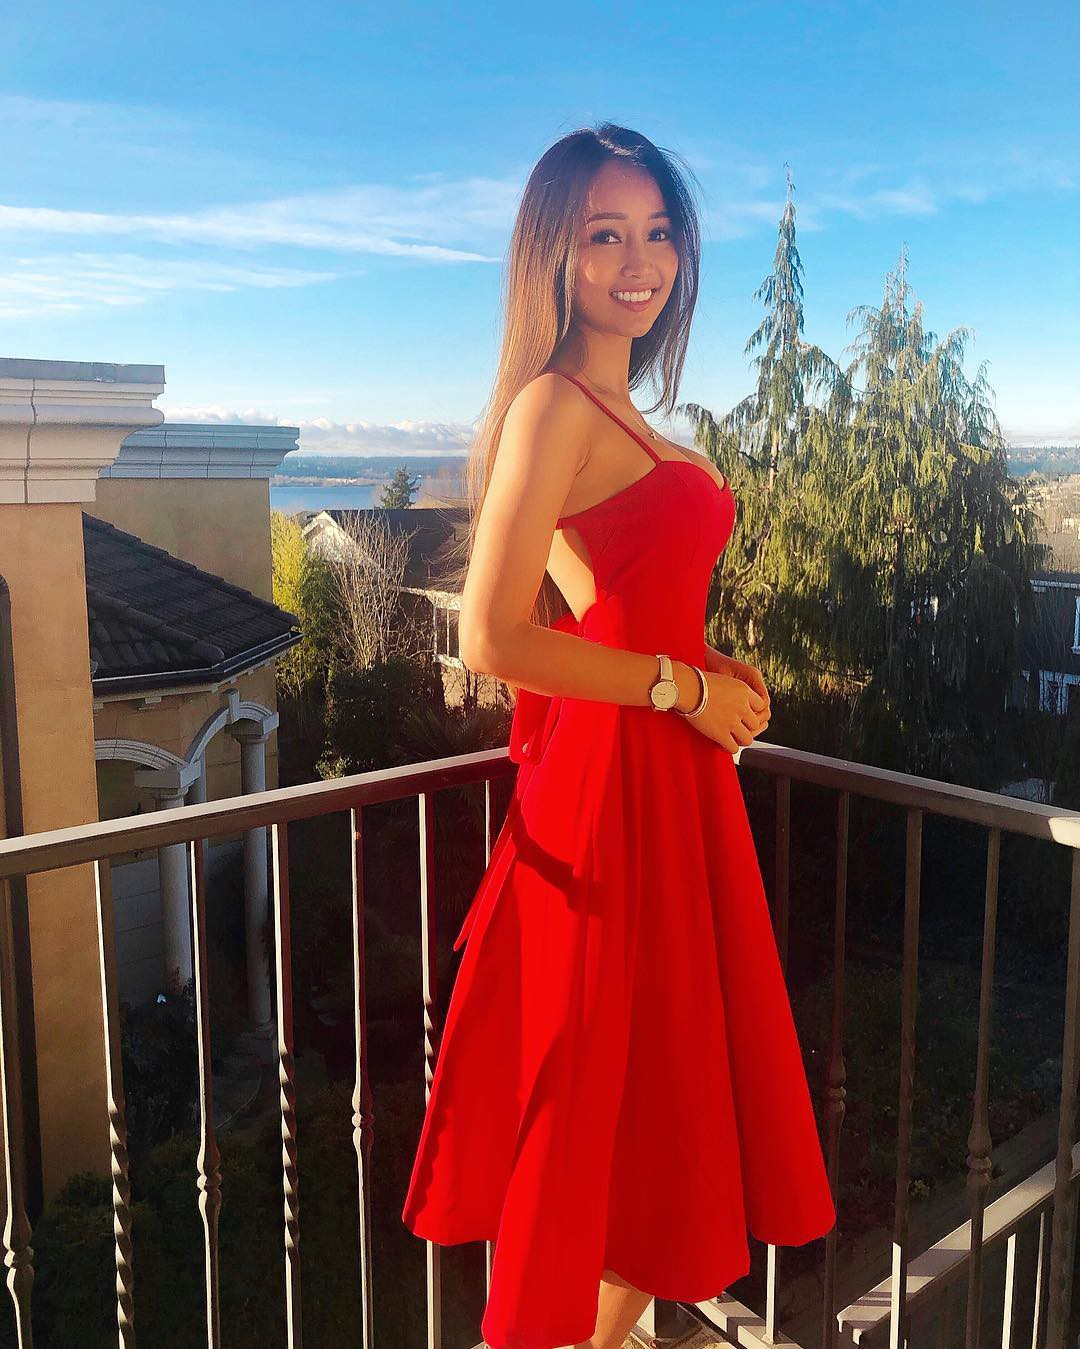 Thạc sĩ gốc Việt nổi tiếng khắp thế giới vì xinh như hot girl cùng thân hình siêu nóng bỏng - Ảnh 6.